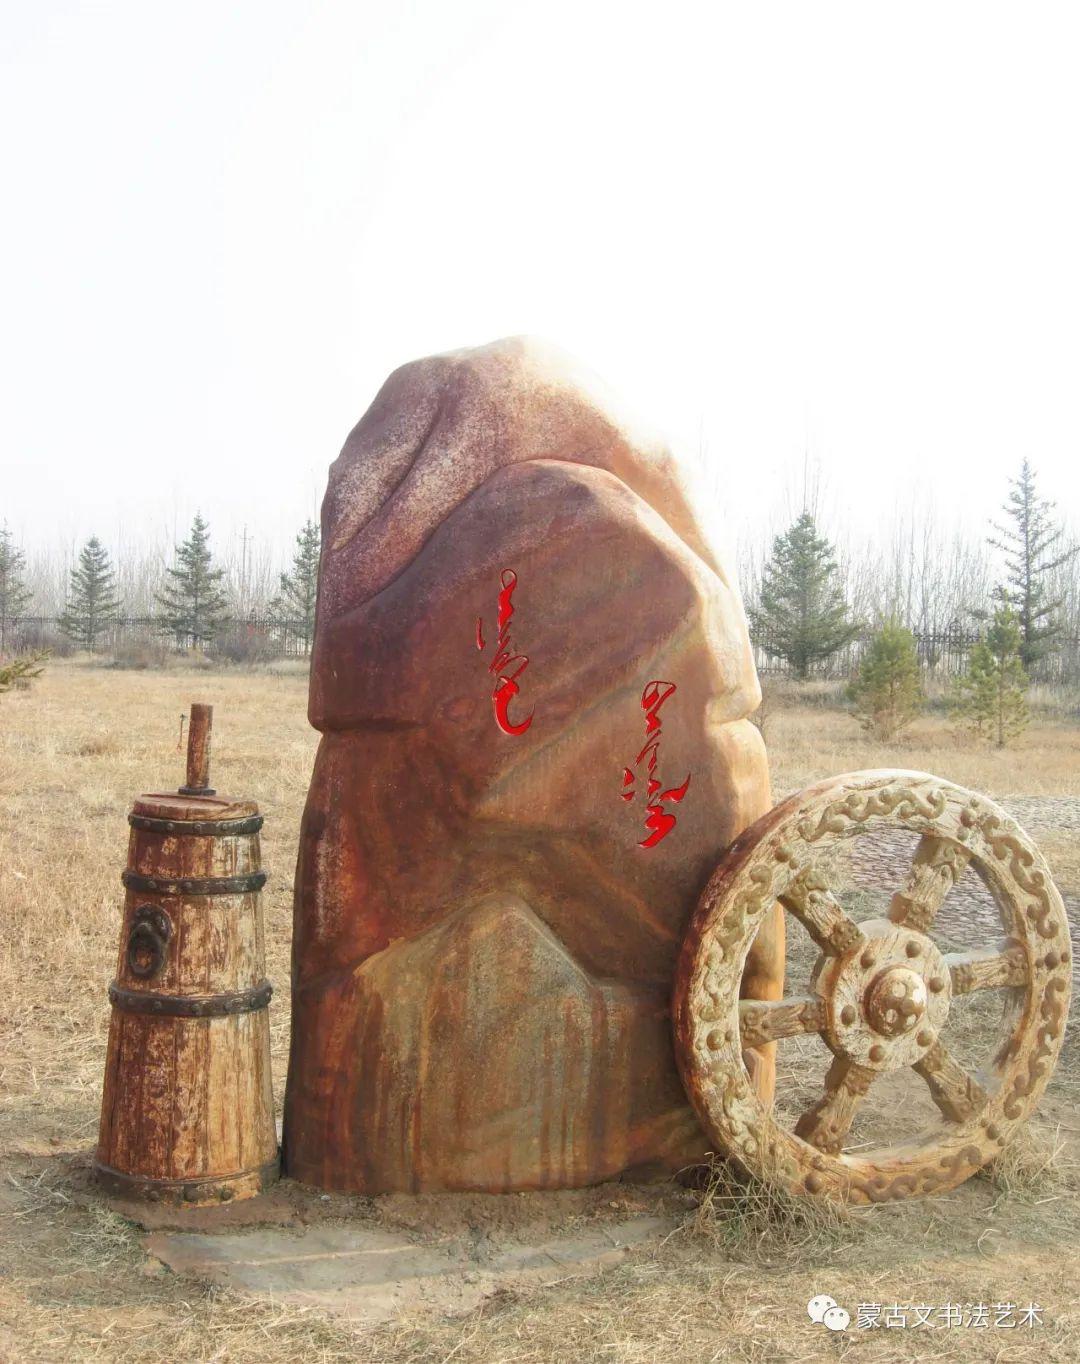 蒙古文书法社会应用展示-宝音套格陶 第15张 蒙古文书法社会应用展示-宝音套格陶 蒙古书法